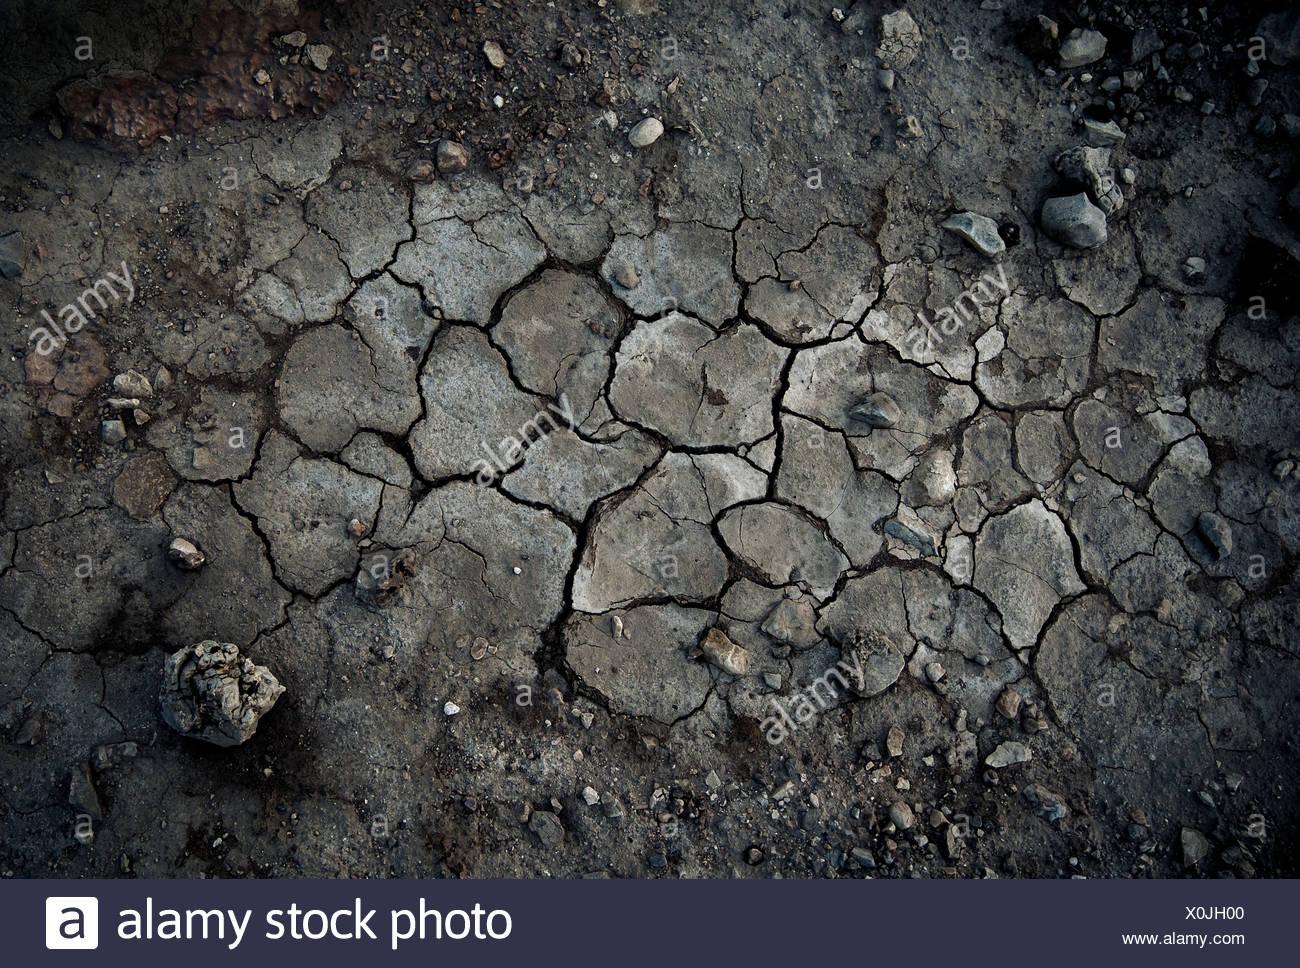 Cracks in the desert ground, Egypt - Stock Image